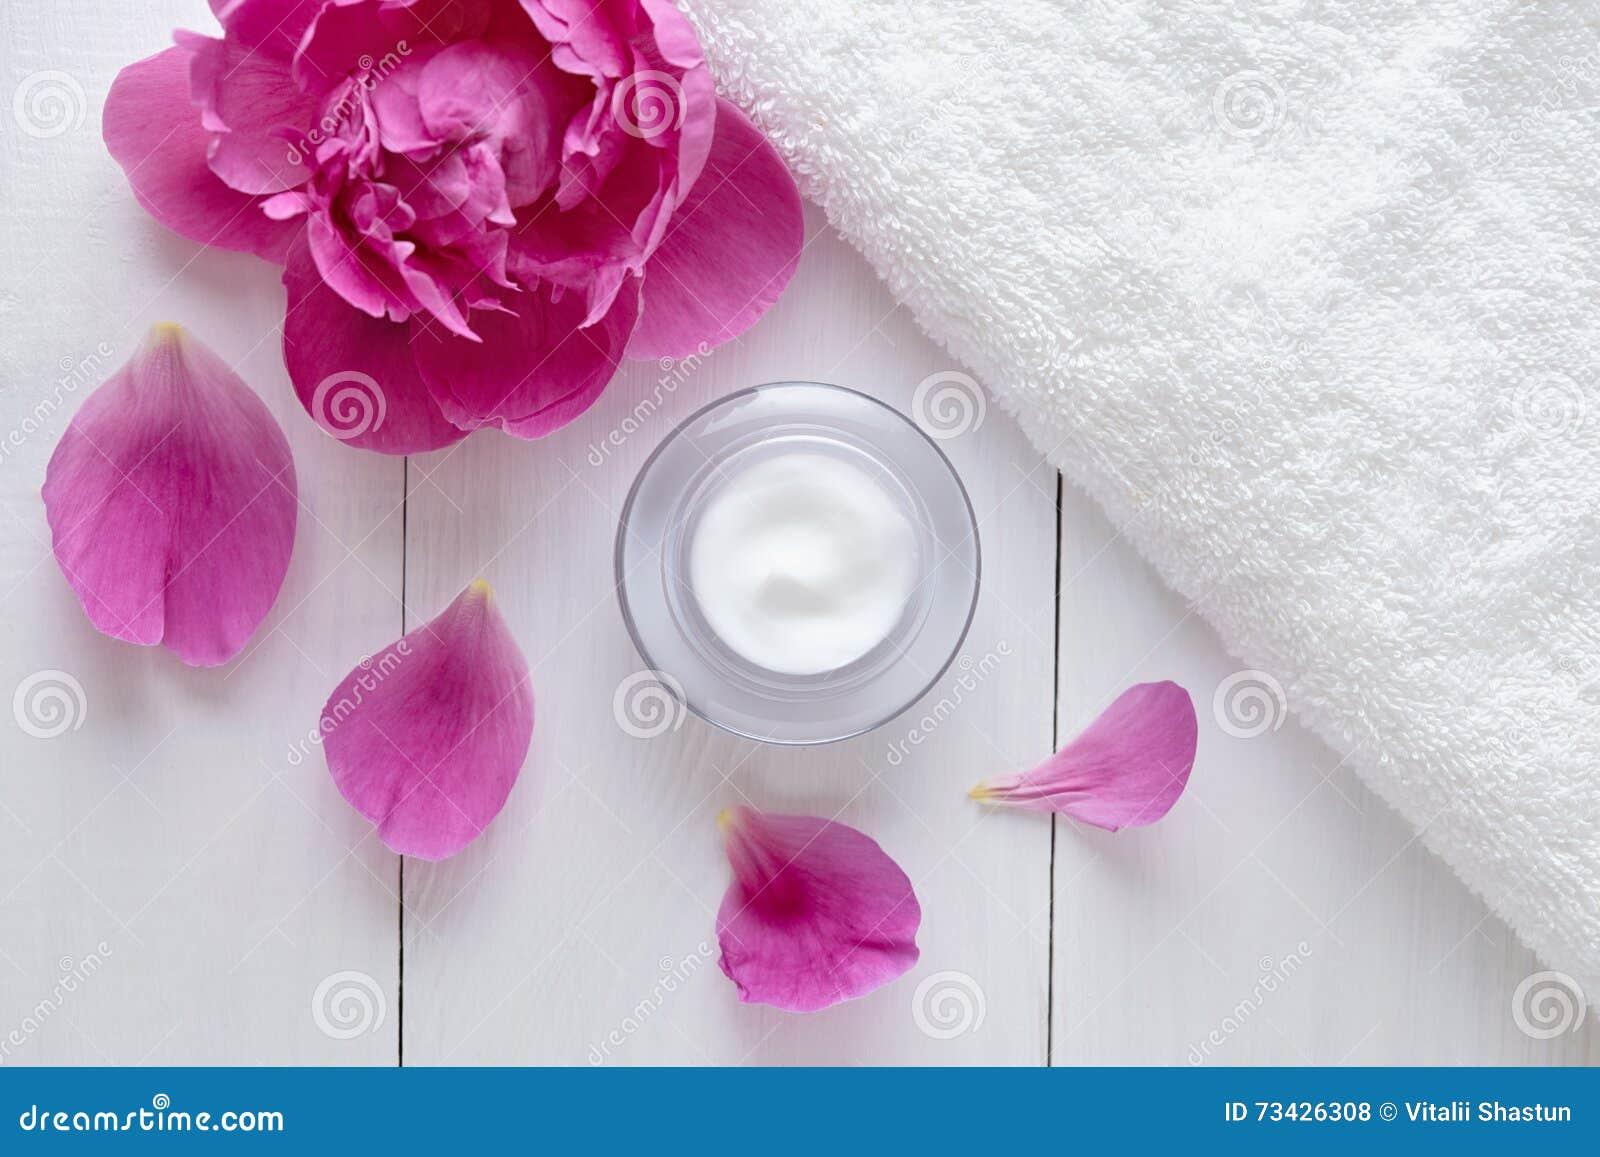 Ziołowa kosmetyczna trądzik śmietanka z kwiat witaminy skincare organicznie moisturizer